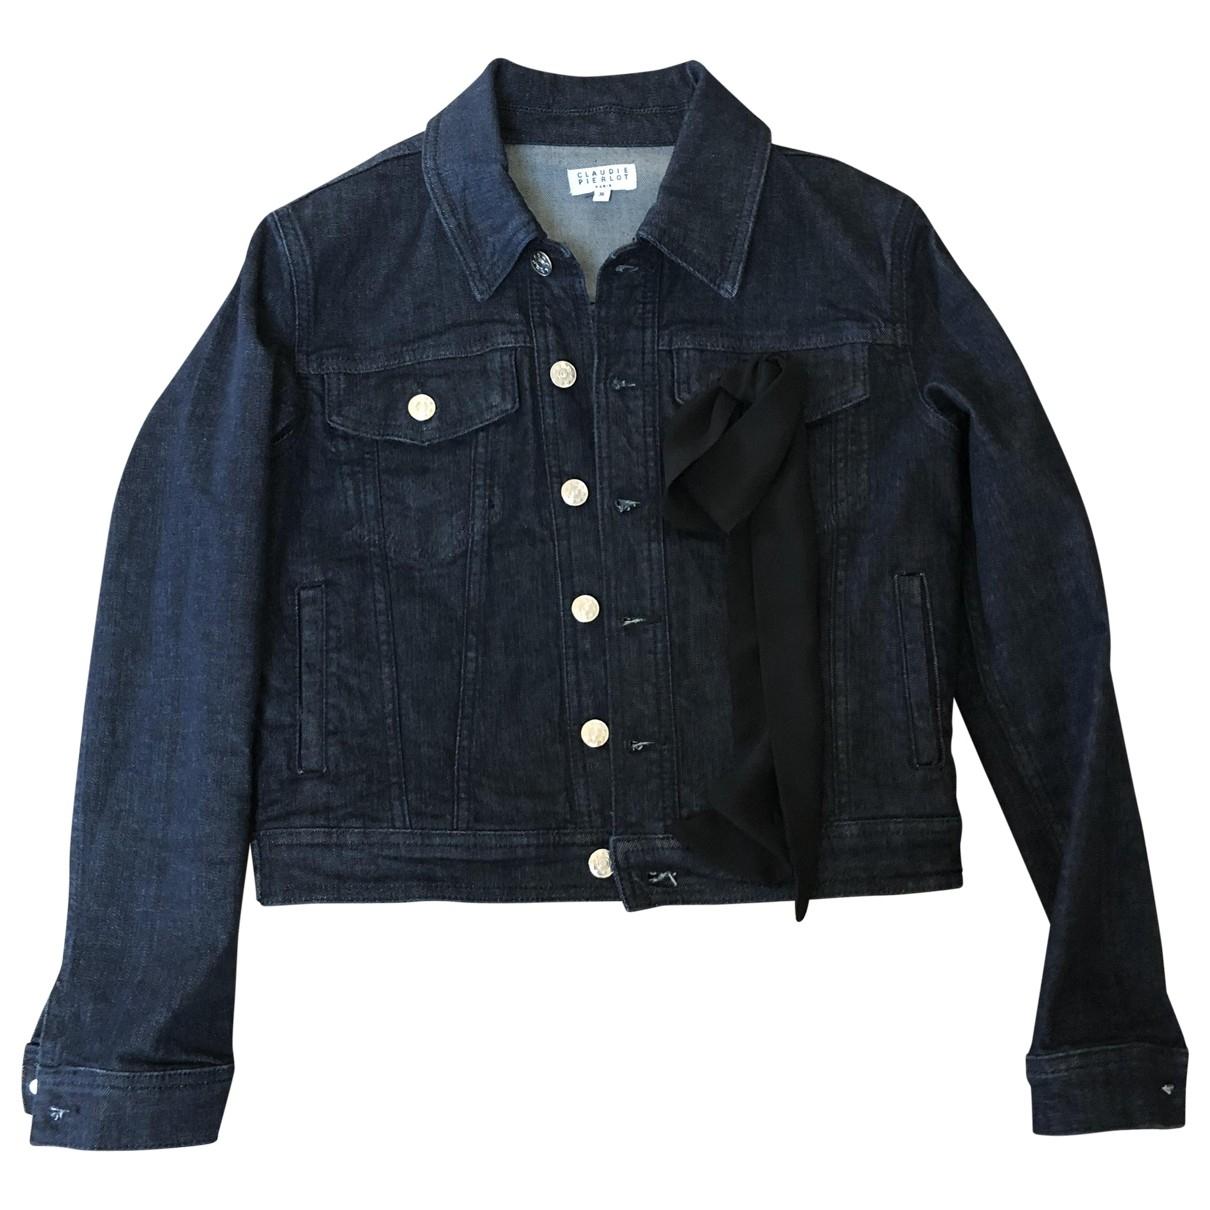 Claudie Pierlot Spring Summer 2019 Jacke in  Blau Denim - Jeans